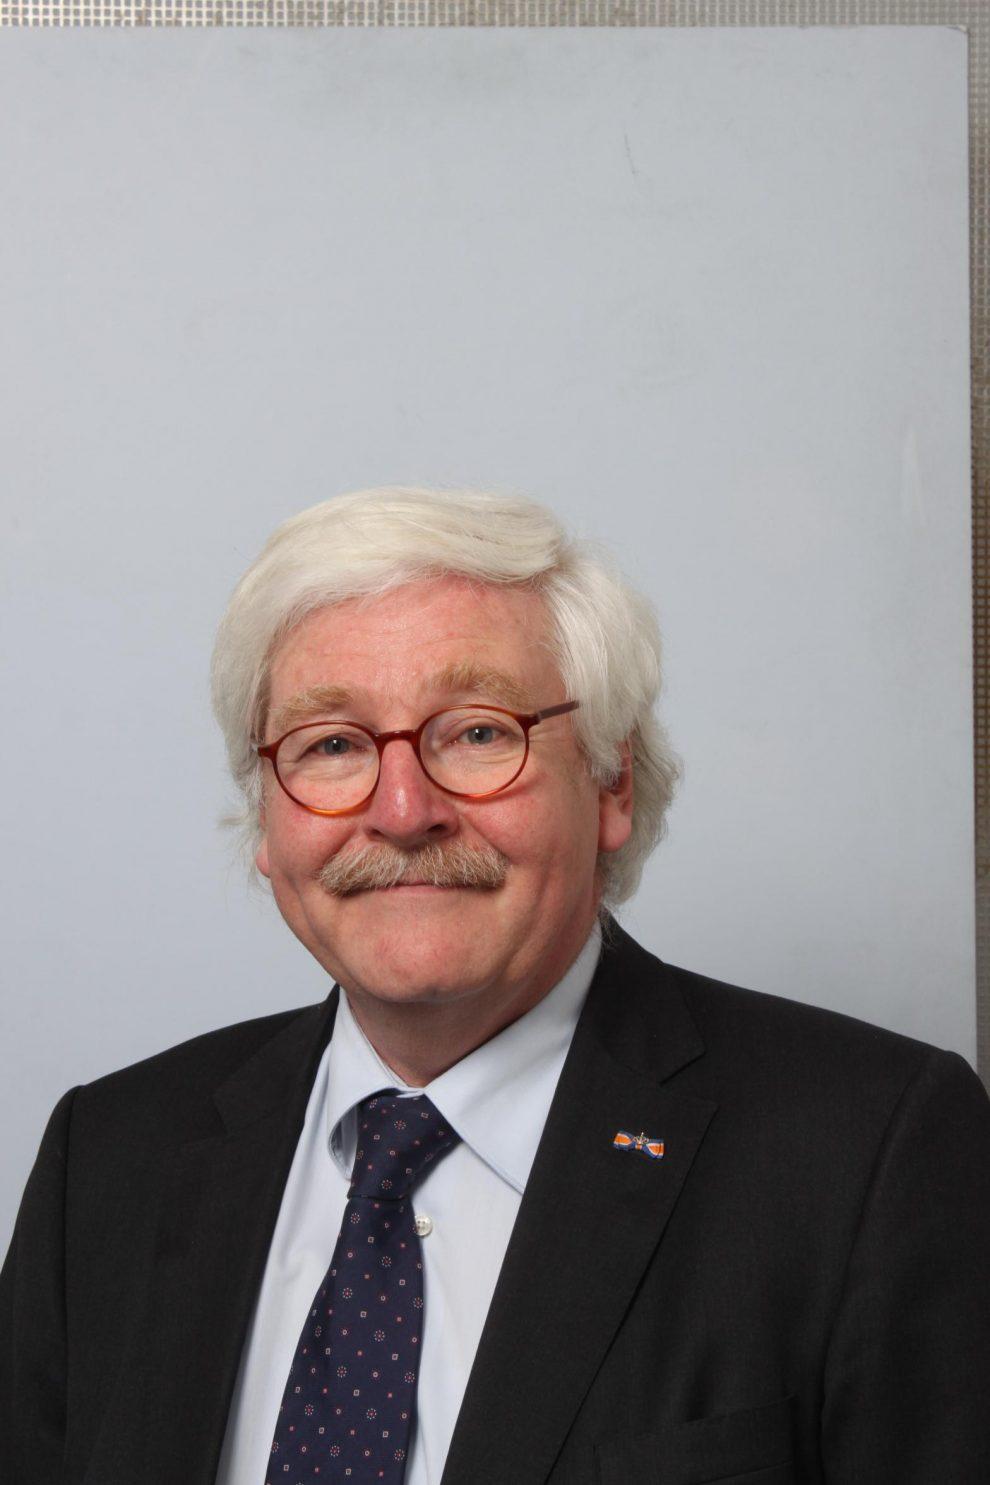 Pieter Dietz de Loos